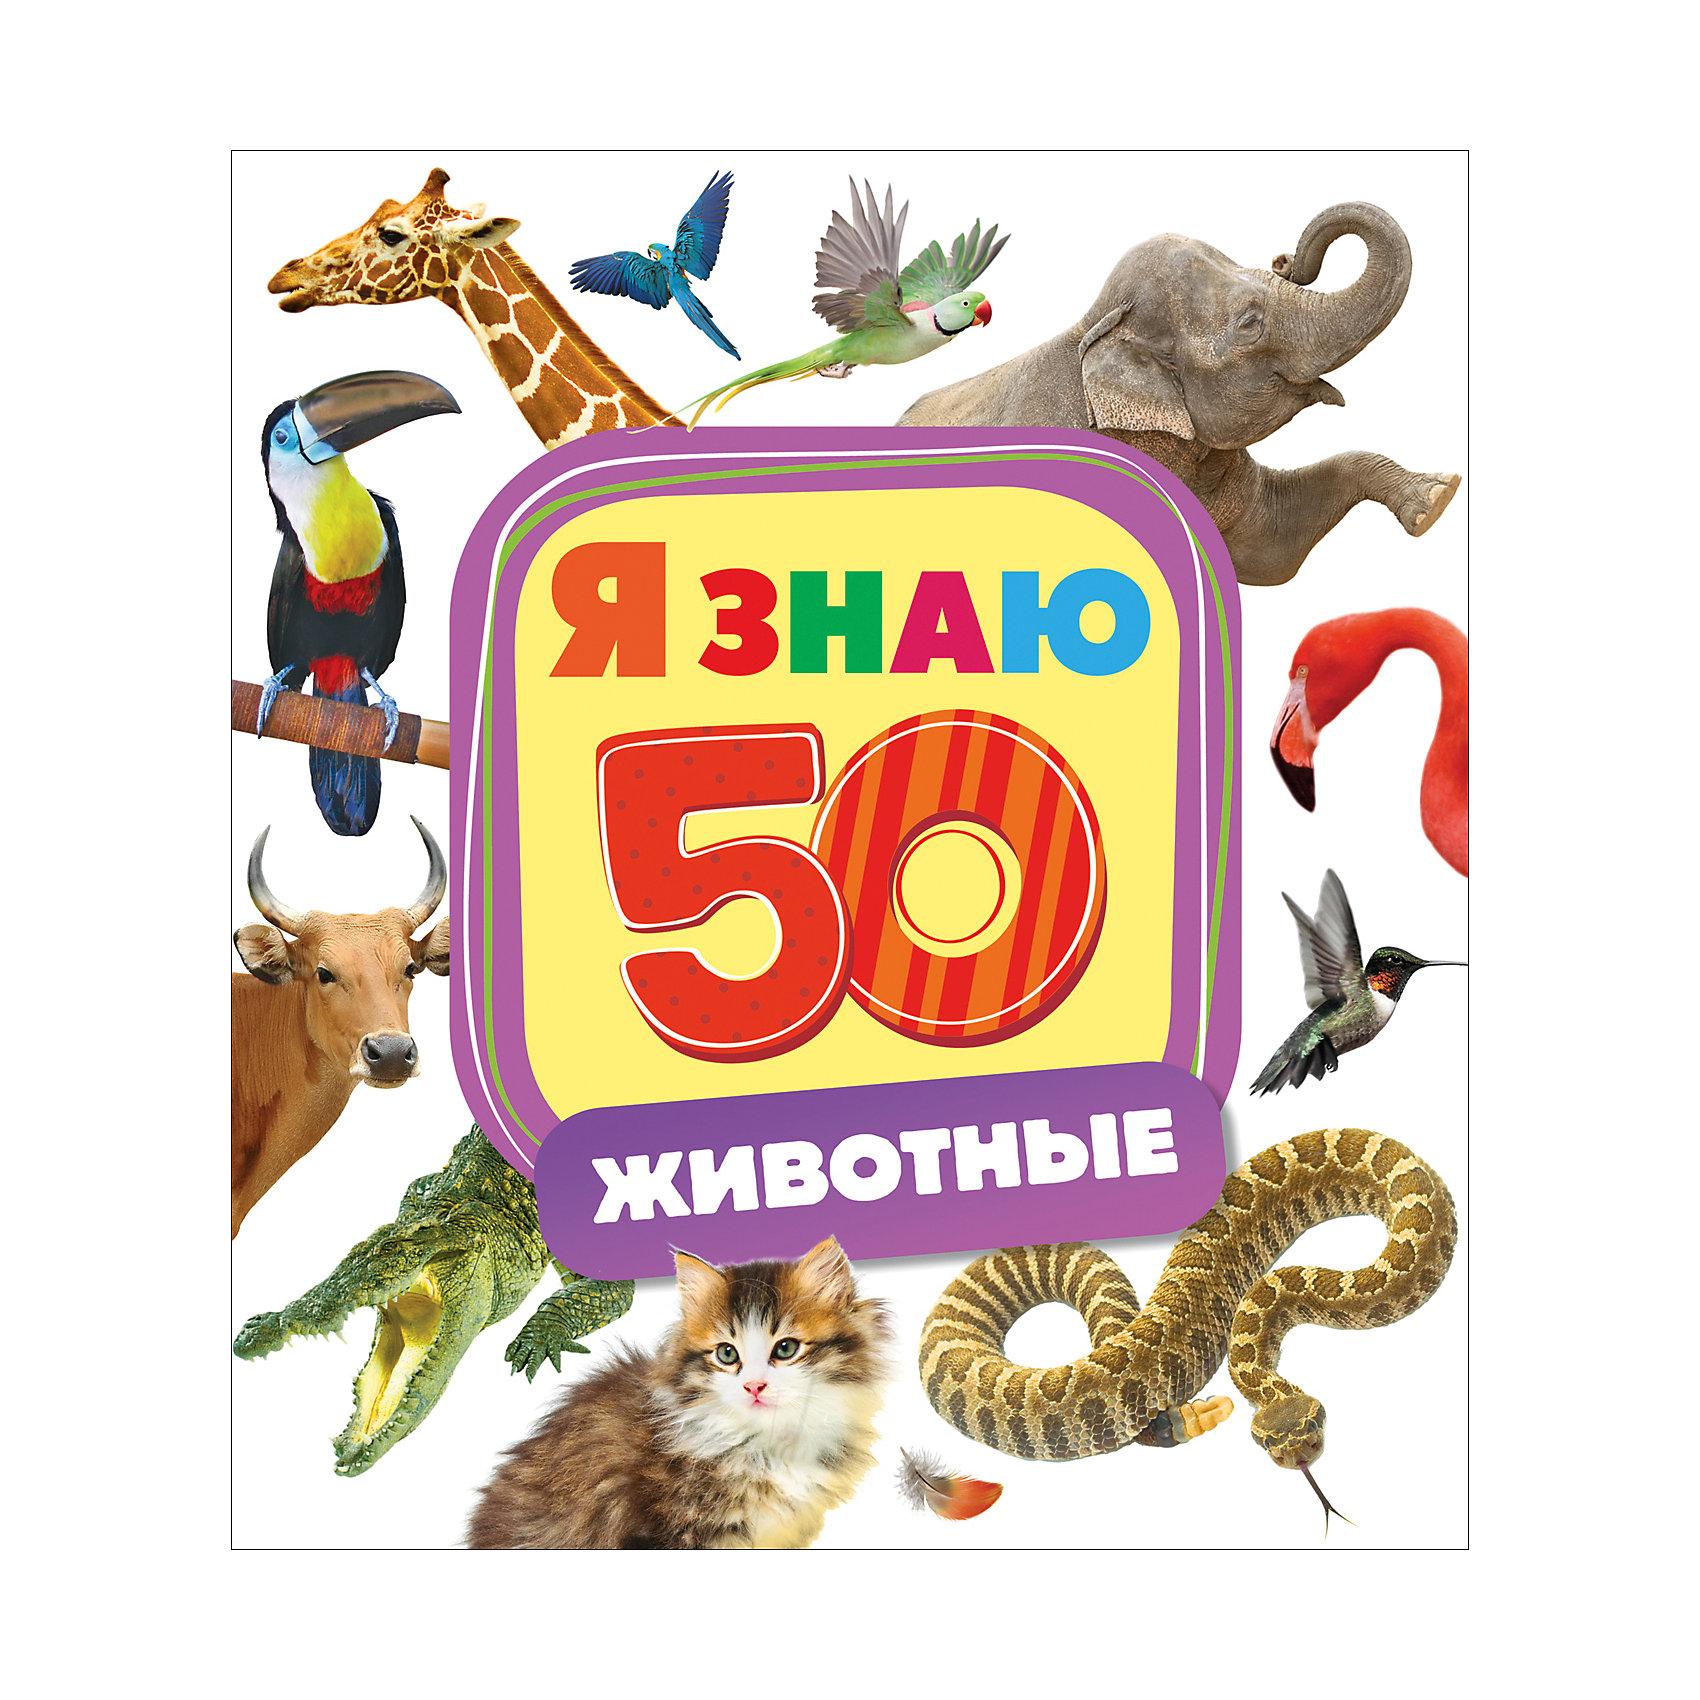 Я знаю ЖивотныеРосмэн<br>Характеристики товара:<br><br>- цвет: разноцветный;<br>- материал: бумага;<br>- страниц: 10;<br>- формат: 22 х 25 см;<br>- обложка: картон;<br>- развивающая. <br><br>Издания серии Я знаю - отличный способ занять ребенка! Эта красочная книга станет отличным подарком для родителей и малыша. Она содержит в себе интересные задания и яркие картинки, которые так любят дети. Отличный способ привить малышу любовь к занятиям и начать обучение! Методика такого обучения в игровой форме разработана опытными специалистами и опробована множеством родителей.<br>Чтение, выполнение простых заданий и рассматривание картинок помогает ребенку развивать память, концентрацию внимания и воображение. Издание произведено из качественных материалов, которые безопасны даже для самых маленьких.<br><br>Издание Я знаю Животные от компании Росмэн можно купить в нашем интернет-магазине.<br><br>Ширина мм: 250<br>Глубина мм: 225<br>Высота мм: 6<br>Вес г: 292<br>Возраст от месяцев: 0<br>Возраст до месяцев: 36<br>Пол: Унисекс<br>Возраст: Детский<br>SKU: 5110310